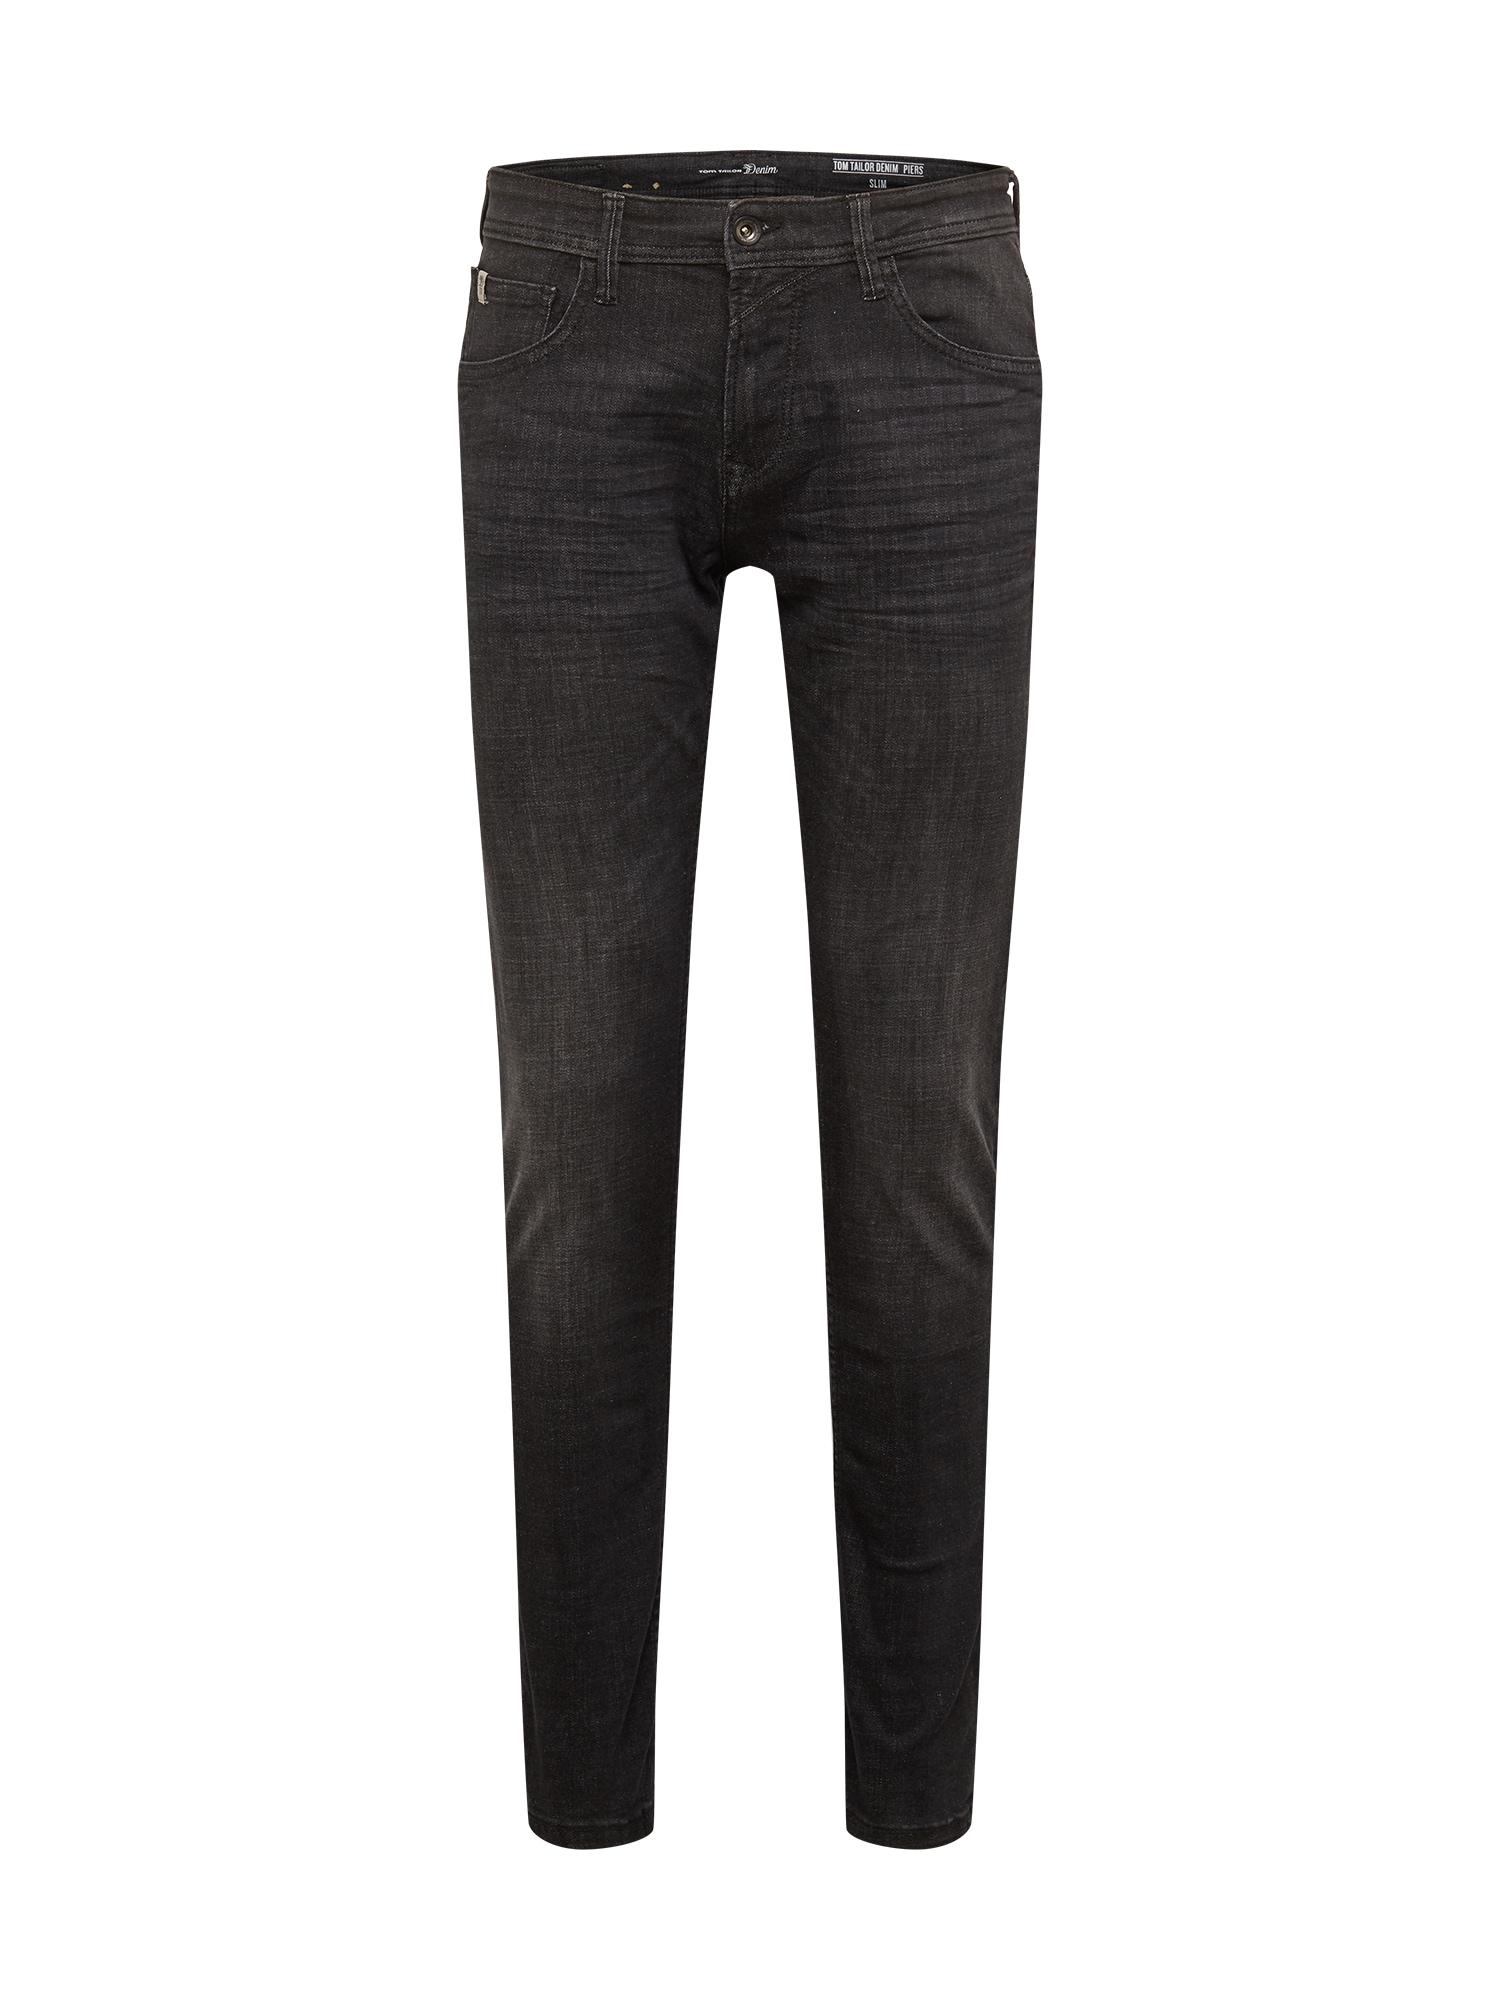 TOM TAILOR DENIM Džinsai juodo džinso spalva